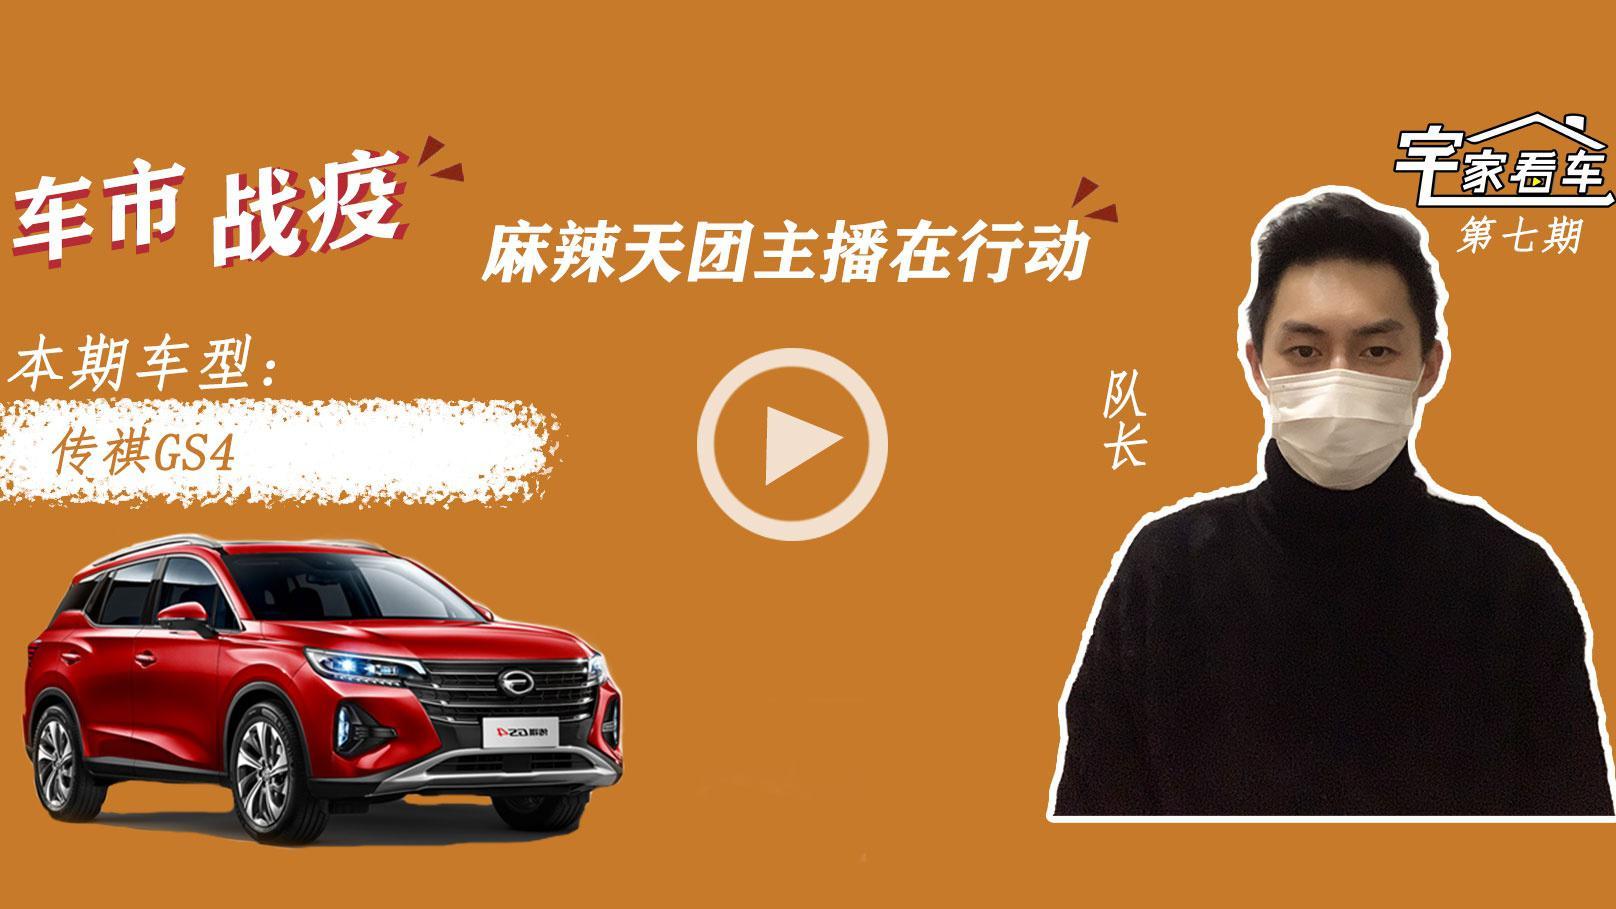 视频:广汽传祺销量冠军全新GS4开了看了都说好丨宅家看车第7期 上